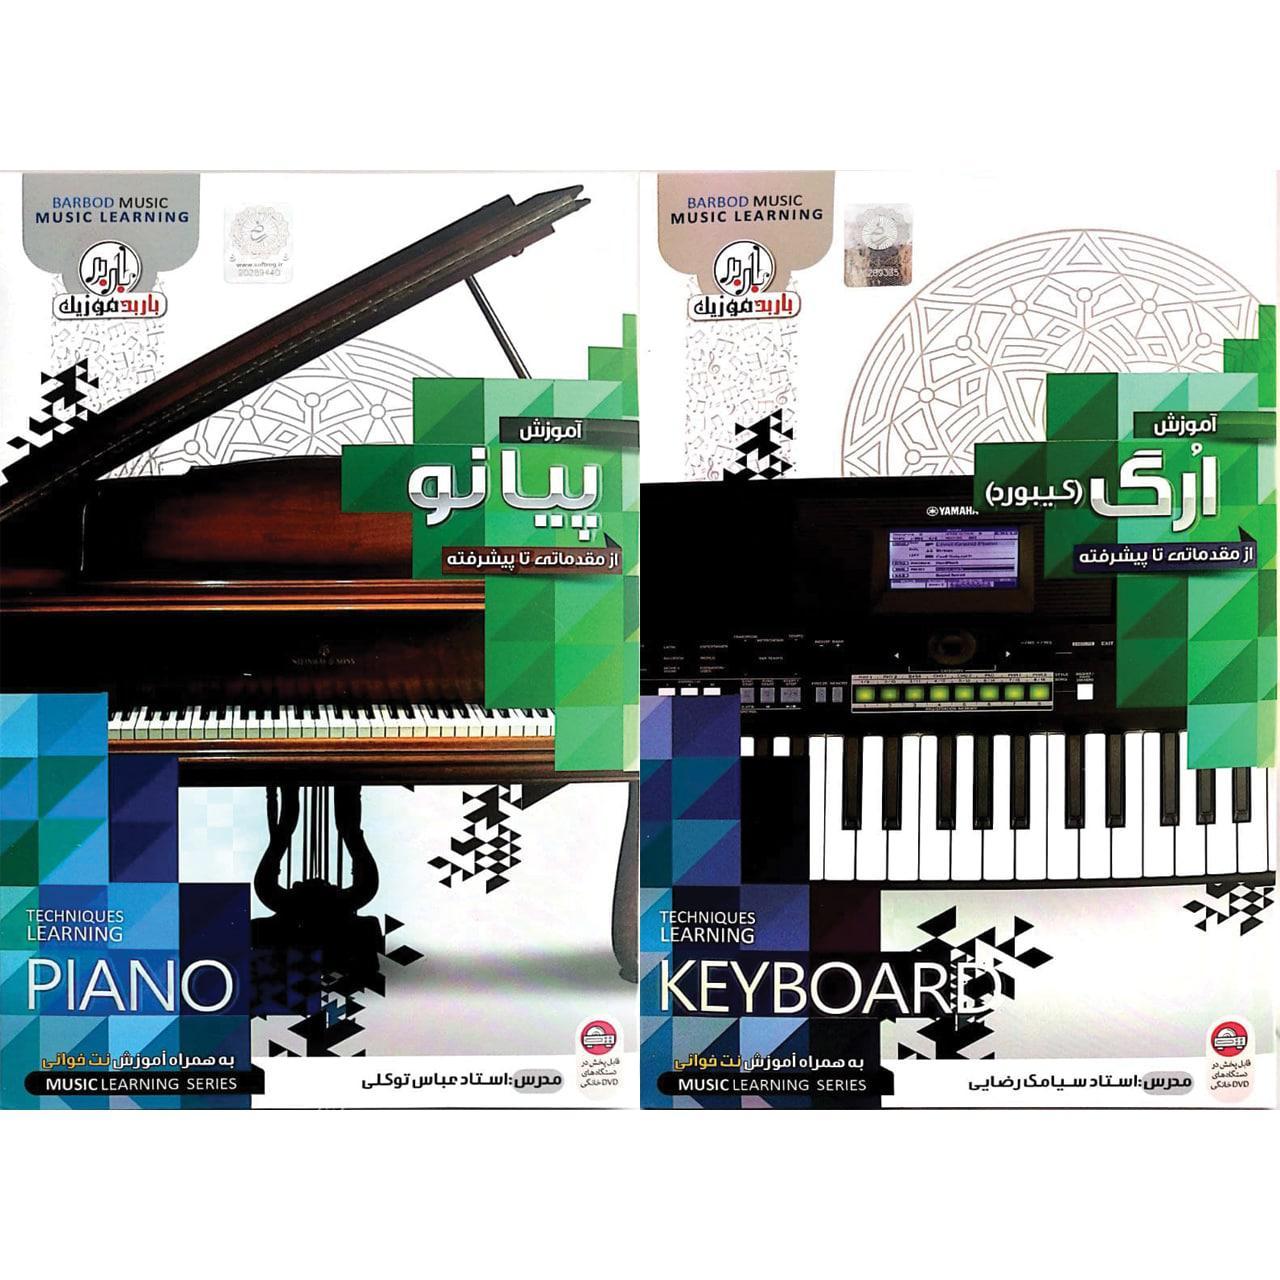 نرم افزار آموزش پیانو نشر باربد به همراه نرم افزارآموزش ارگ و کیبورد نشر آوای باربد